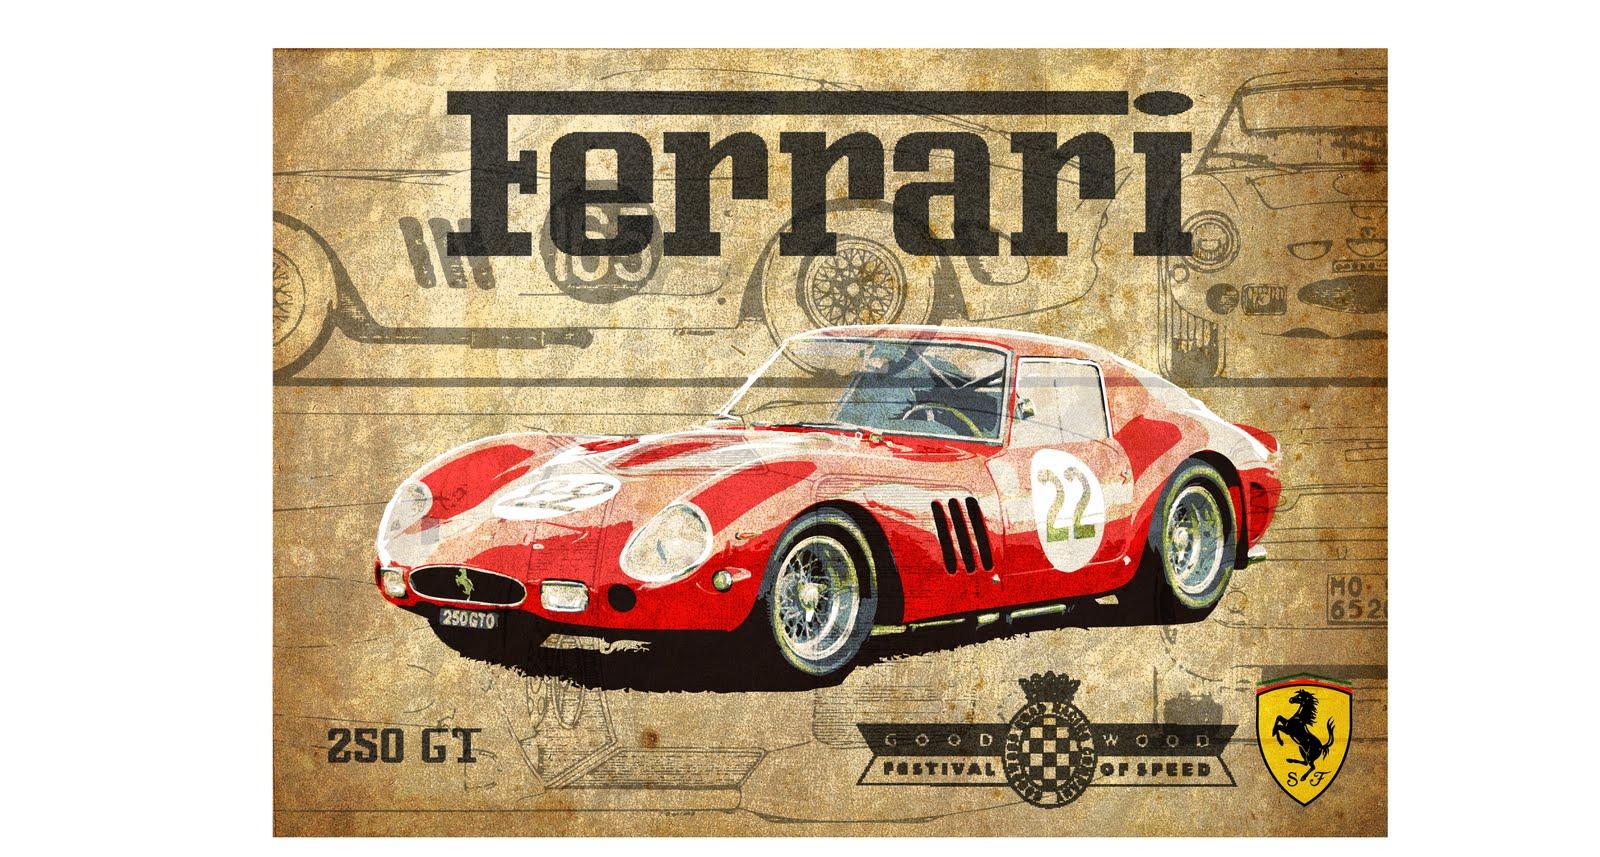 Alex Boys Vintage Ferrari Poster